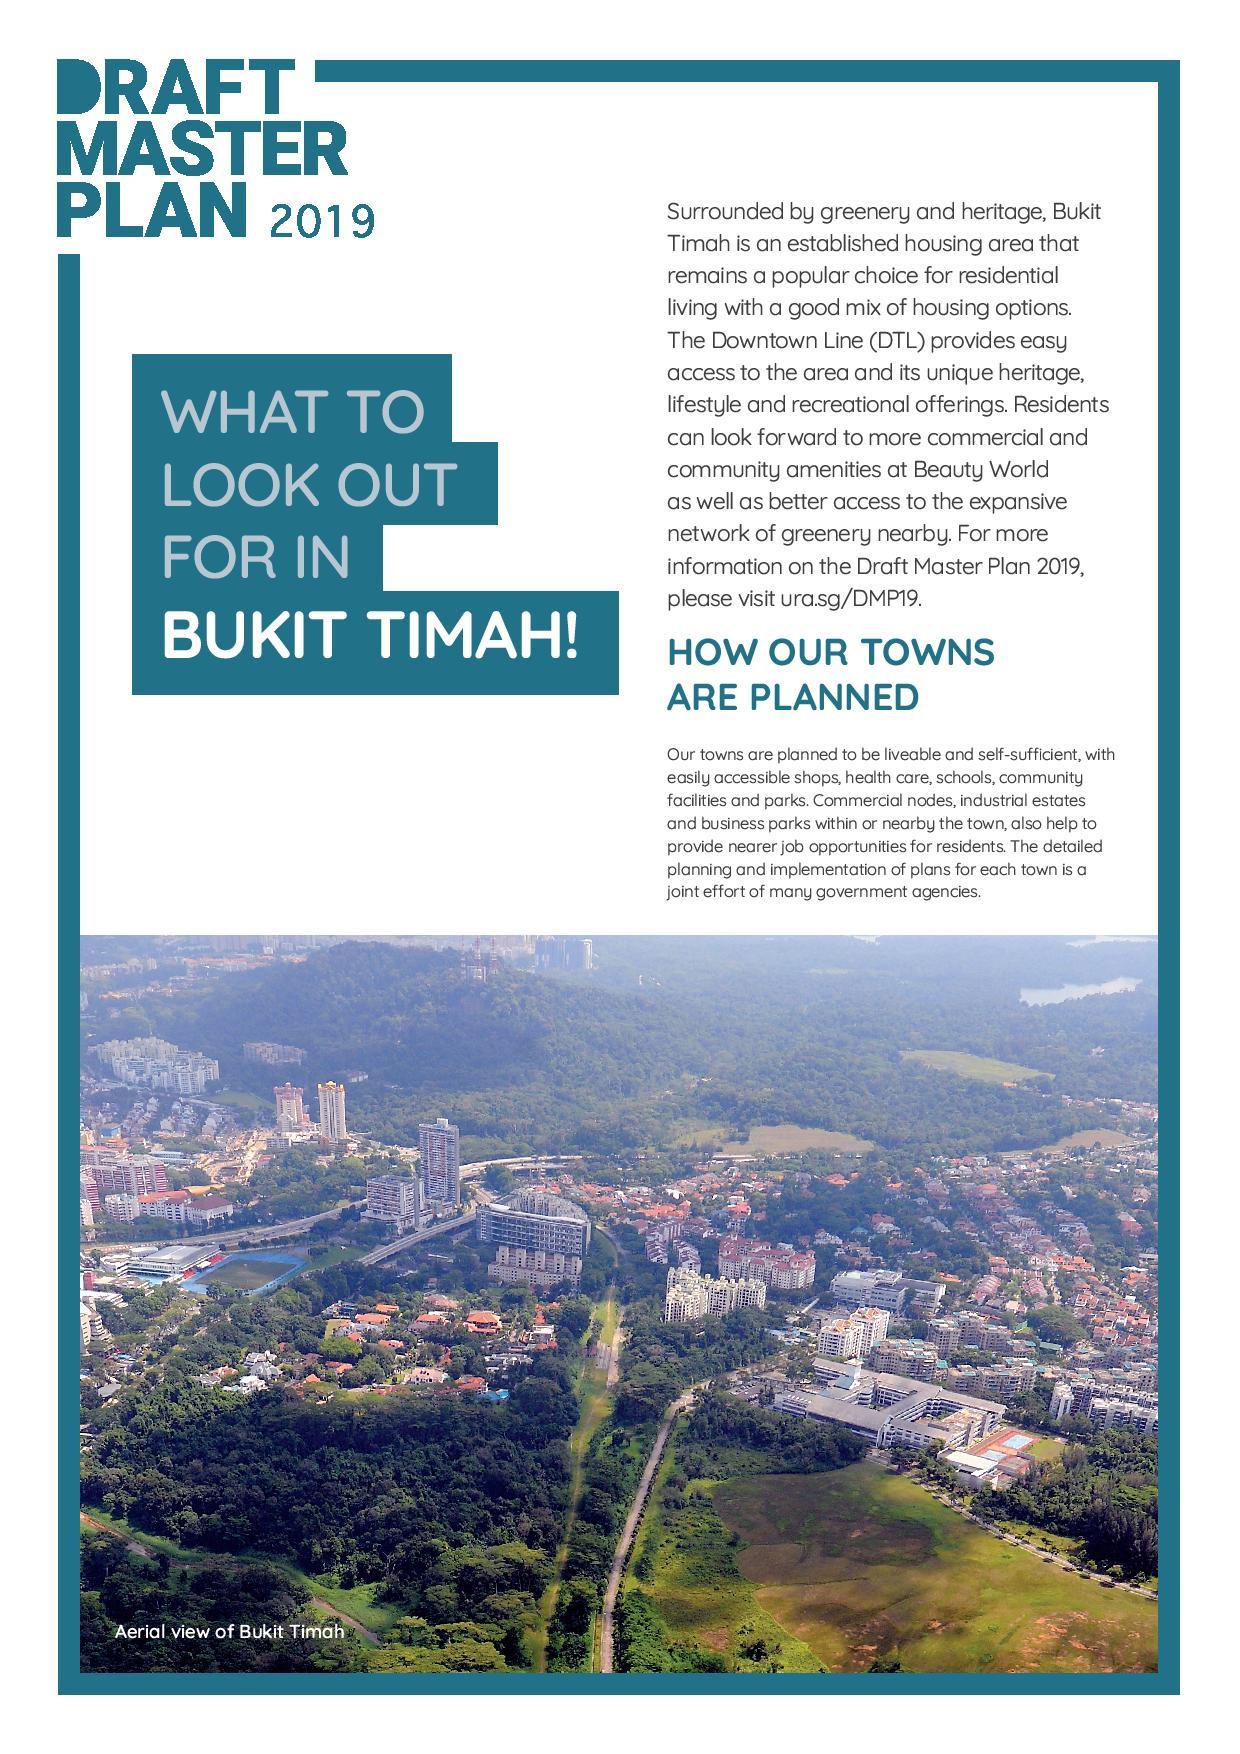 URA Draft Master Plan 2019 Bukit Timah